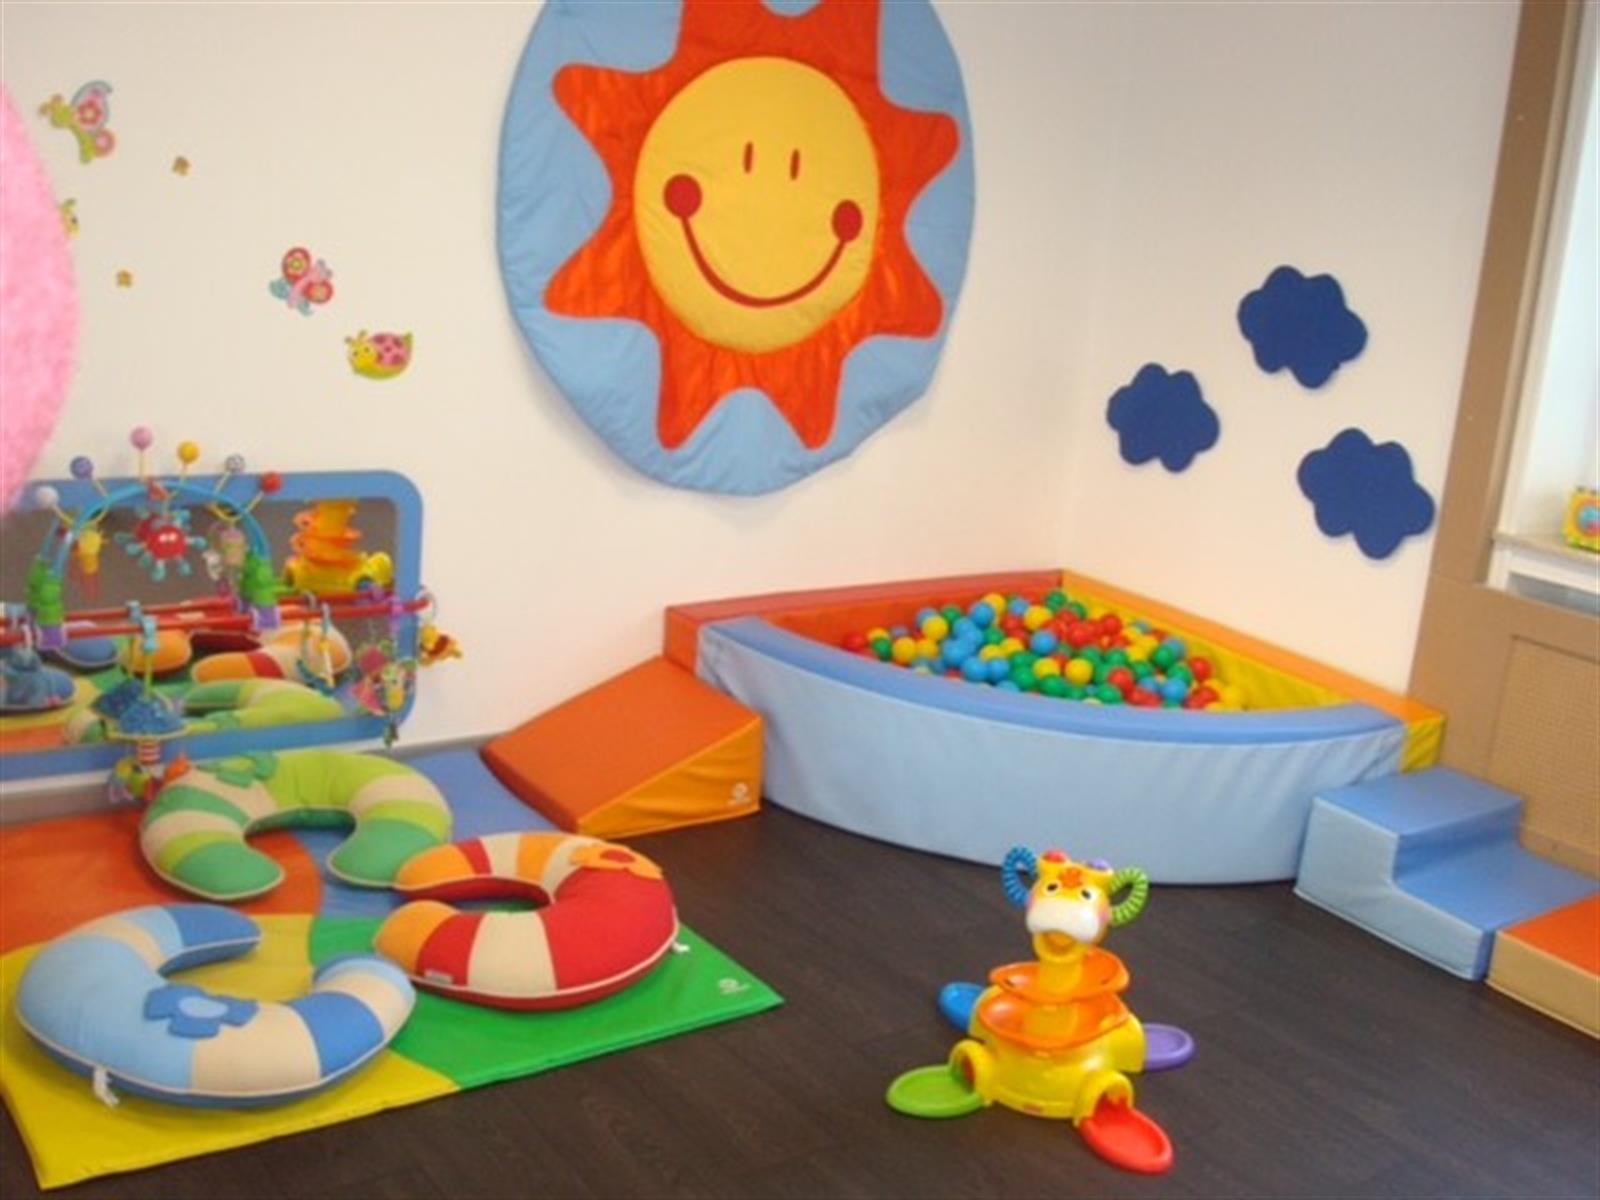 cr che l 39 le au tr sor cr che et foyer de jour pour enfant editus. Black Bedroom Furniture Sets. Home Design Ideas